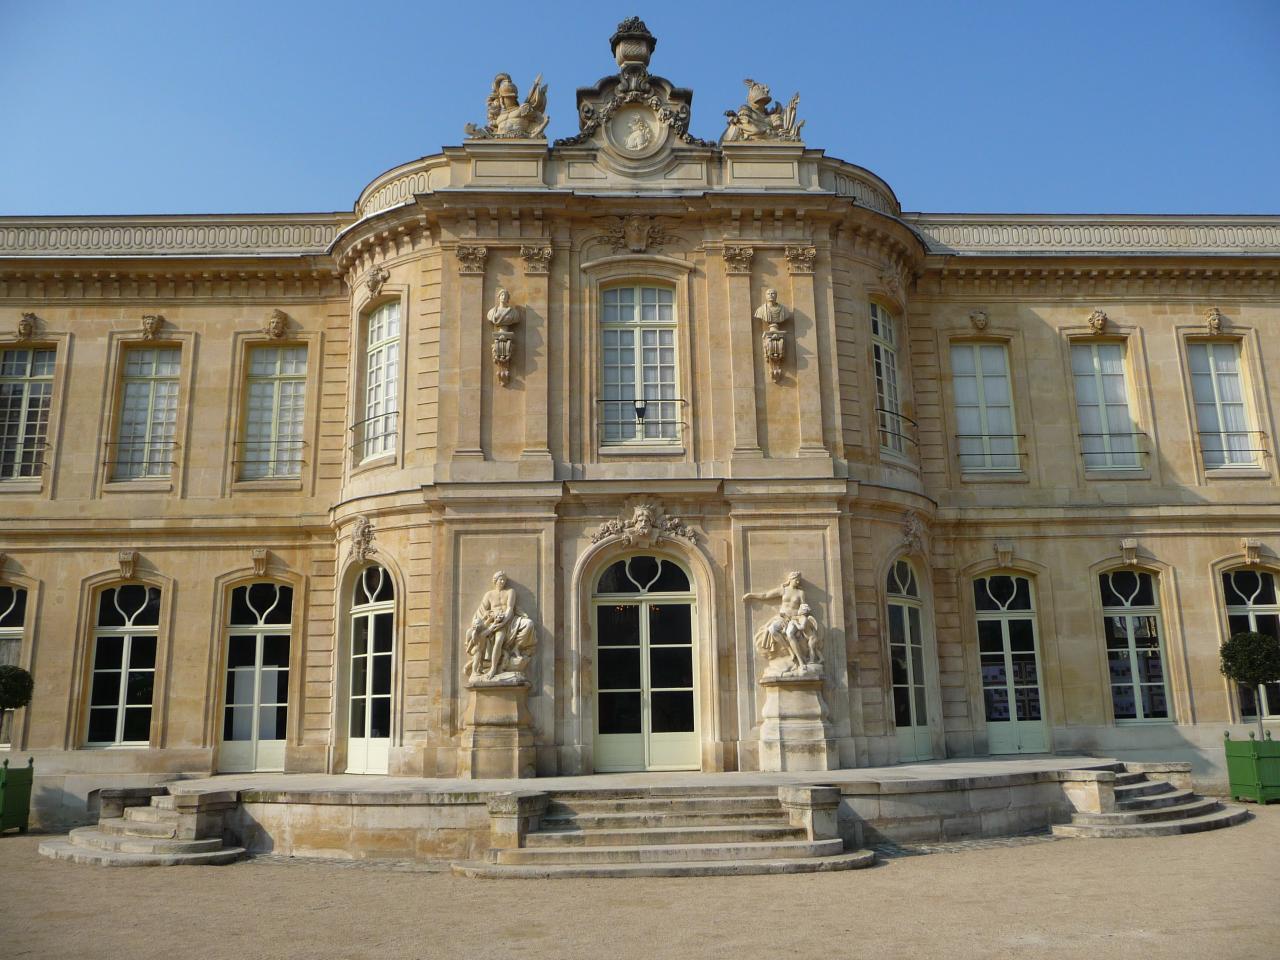 Mansart de Sagonne, avant-corps du château d'Asnières, côté jardin, 1750-1752